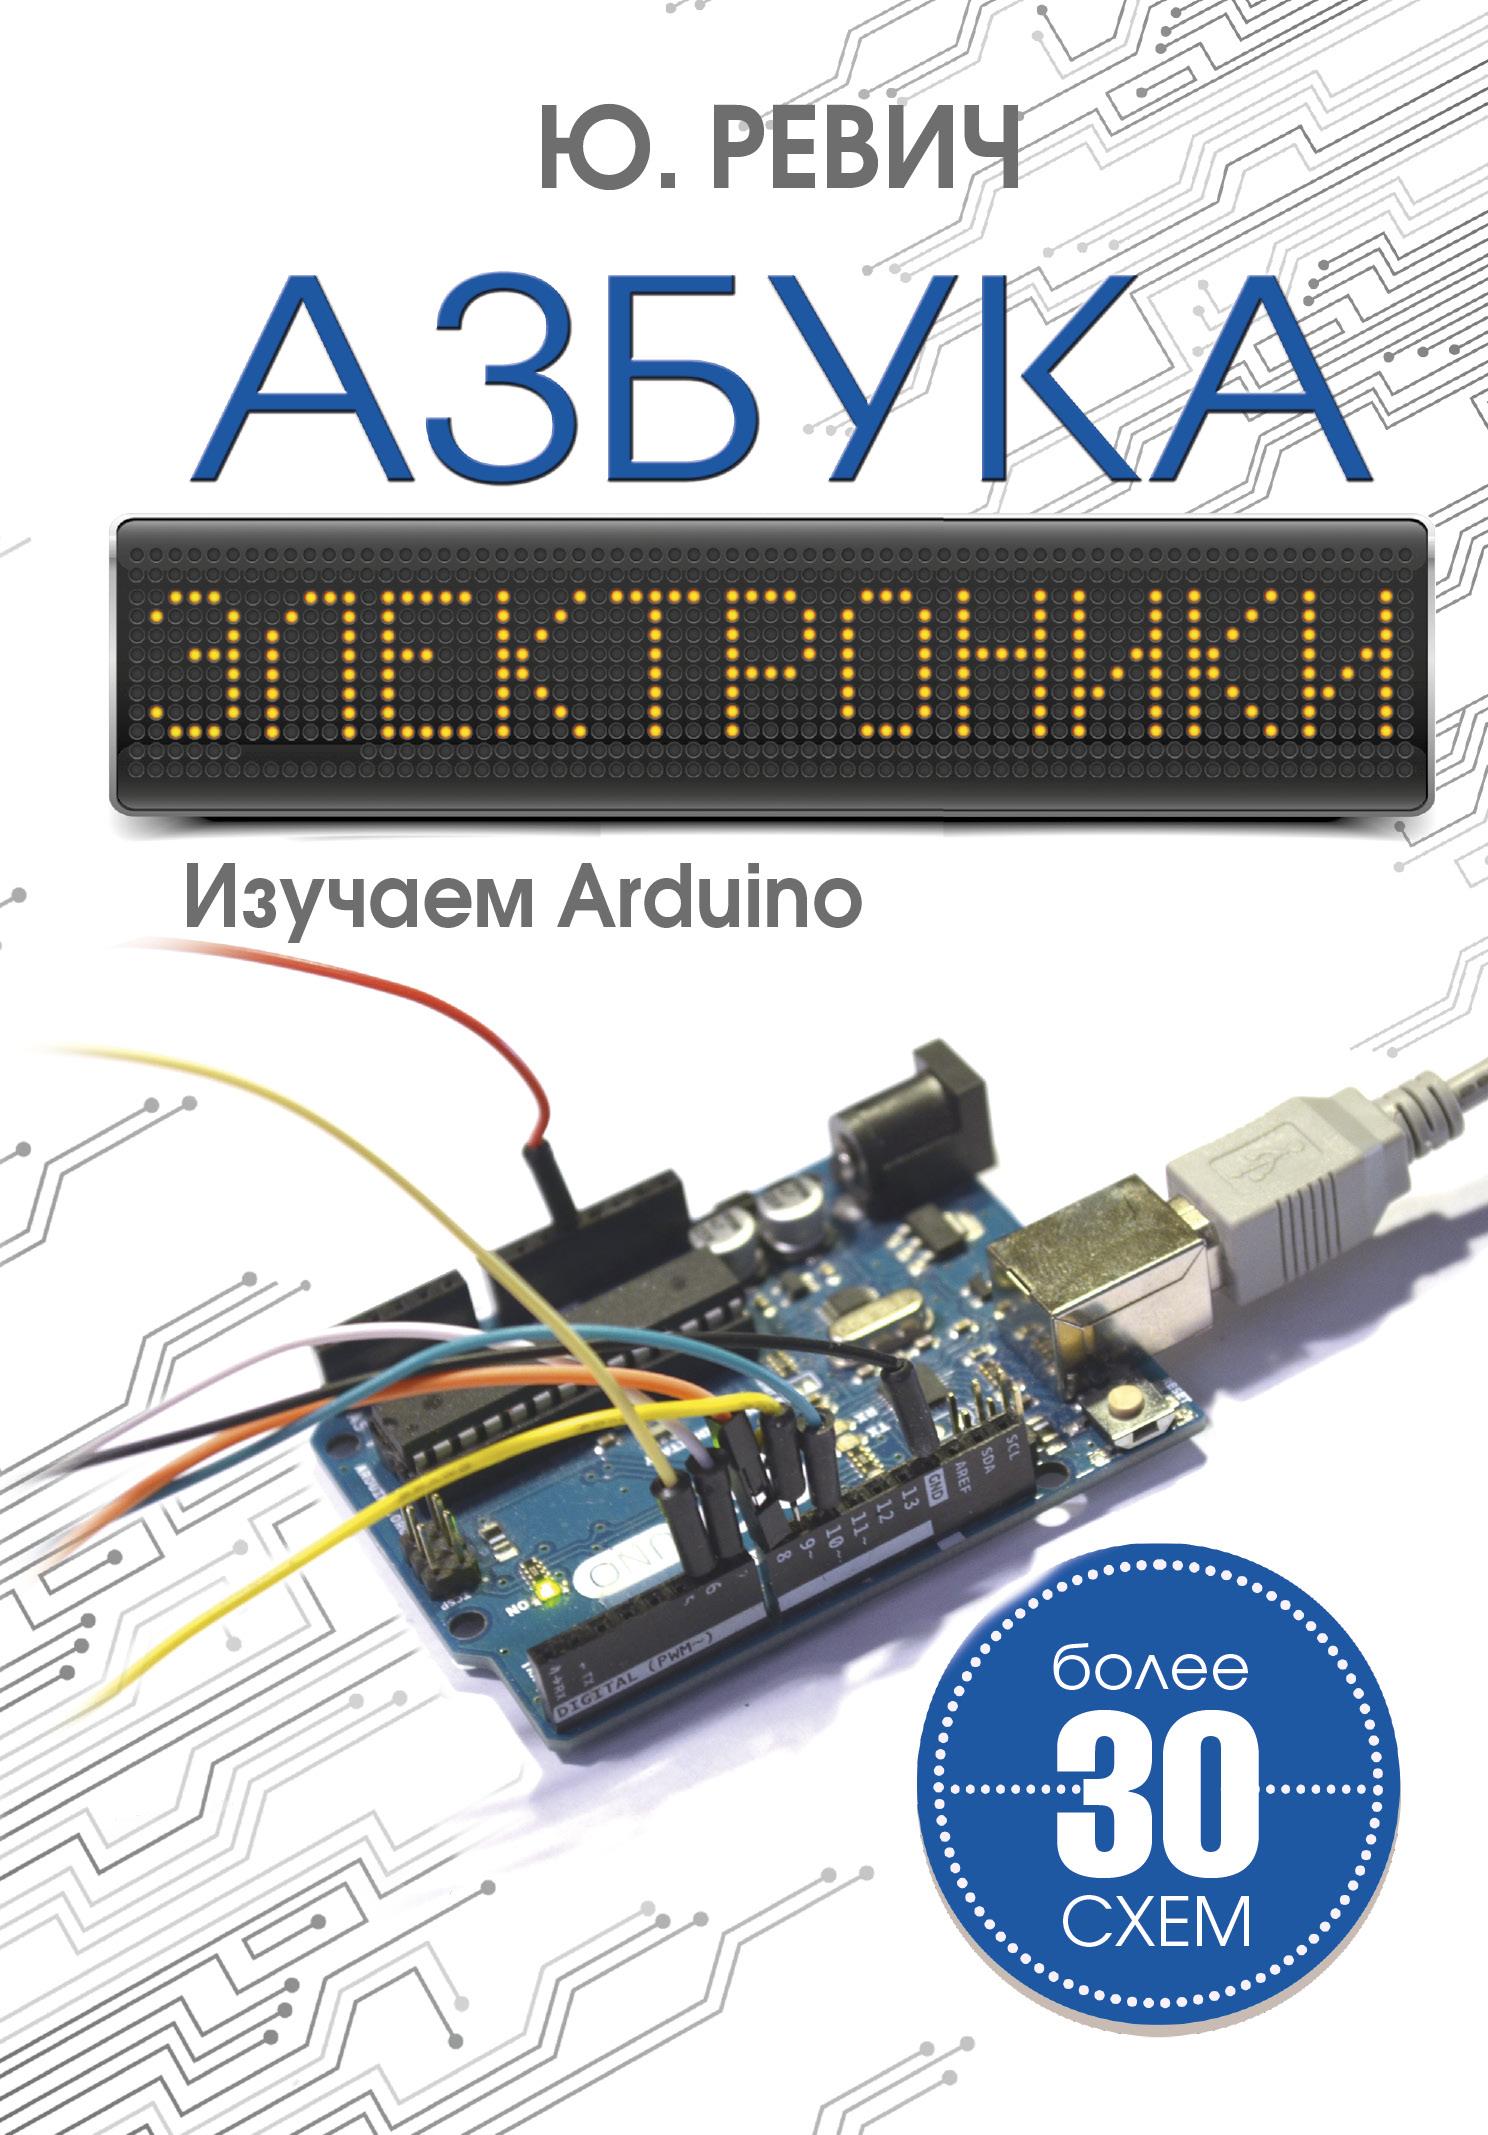 Ревич Ю. Азбука электроники. Изучаем Arduino издательство аст азбука электроники